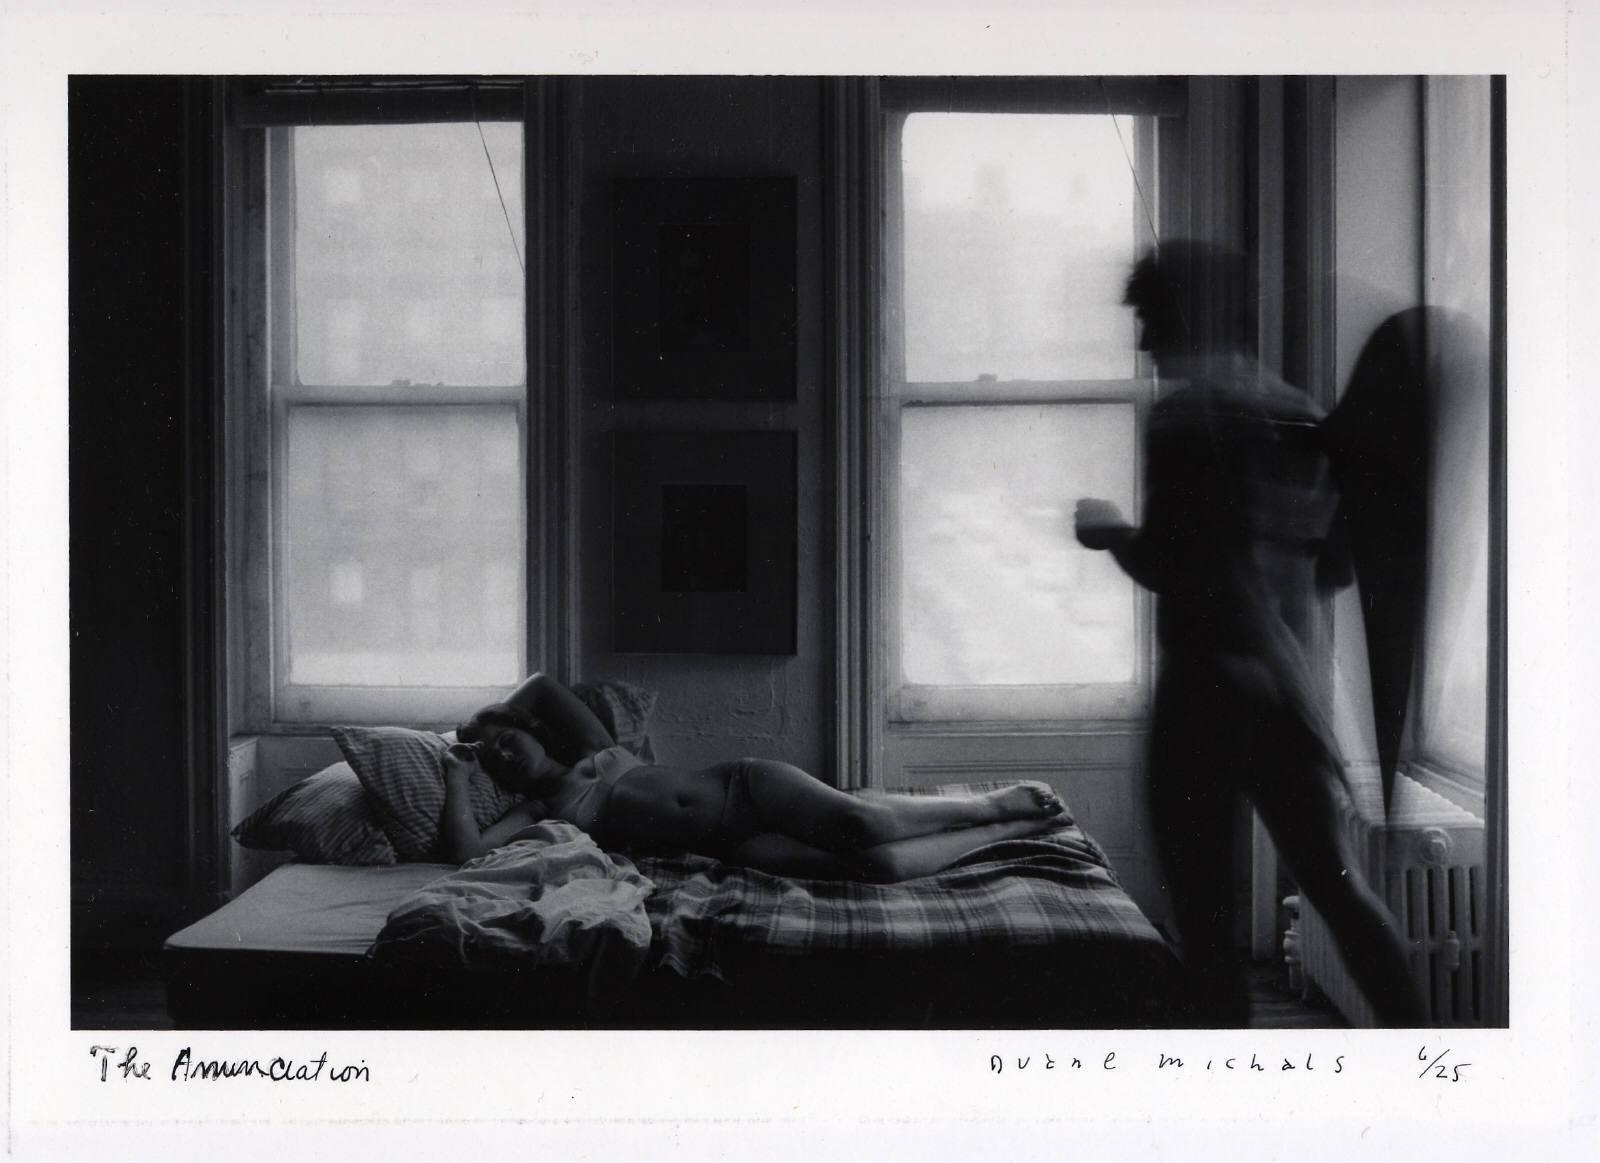 Duane Michals- Un Fotógrafo Distinto - [ Recomendado ]